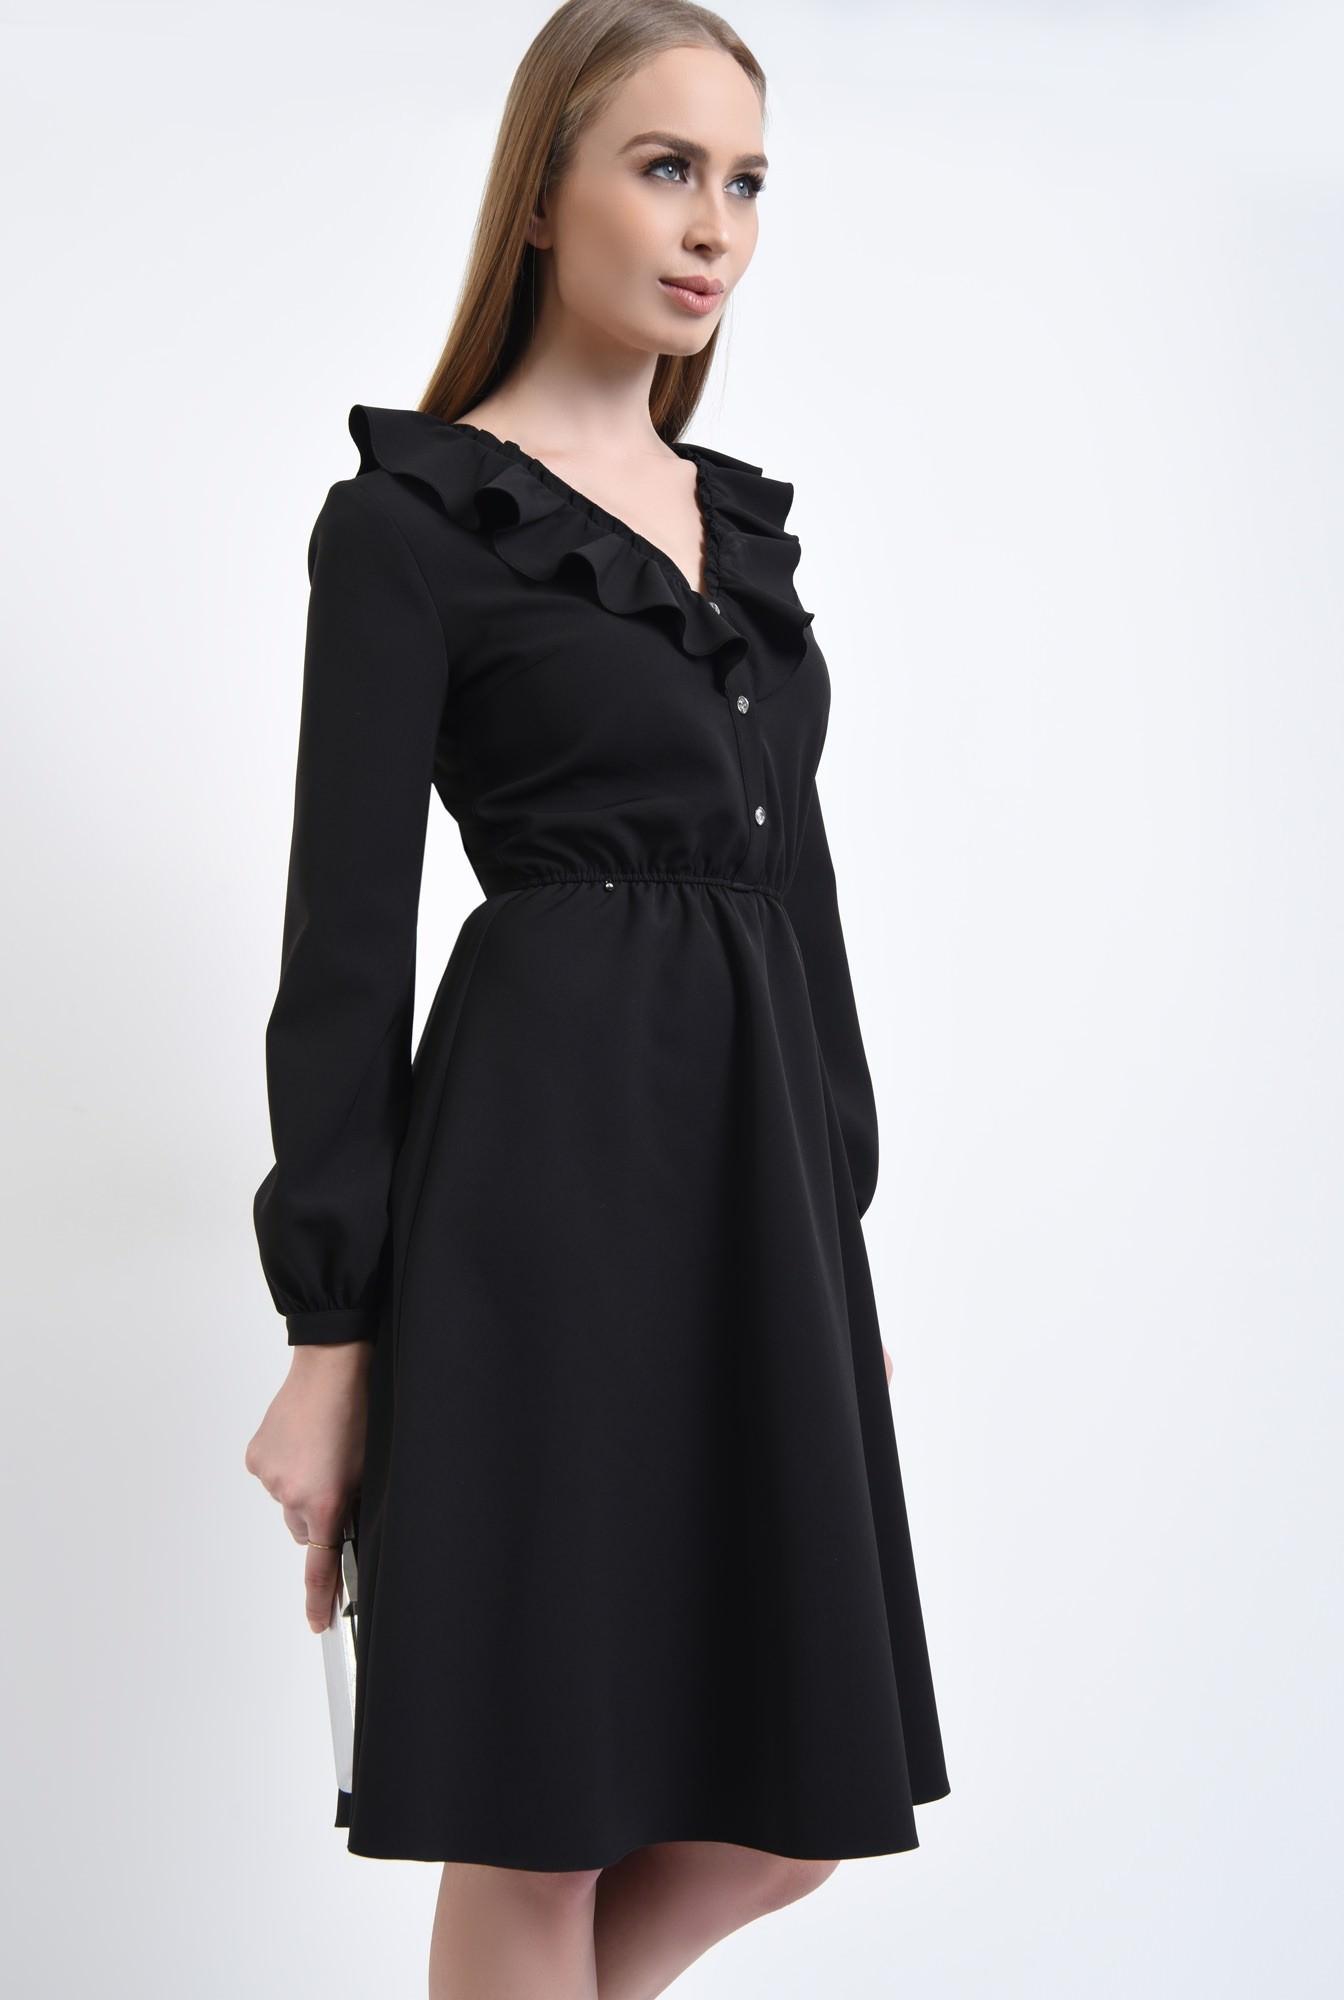 2 - Rochie casual neagra, cloche